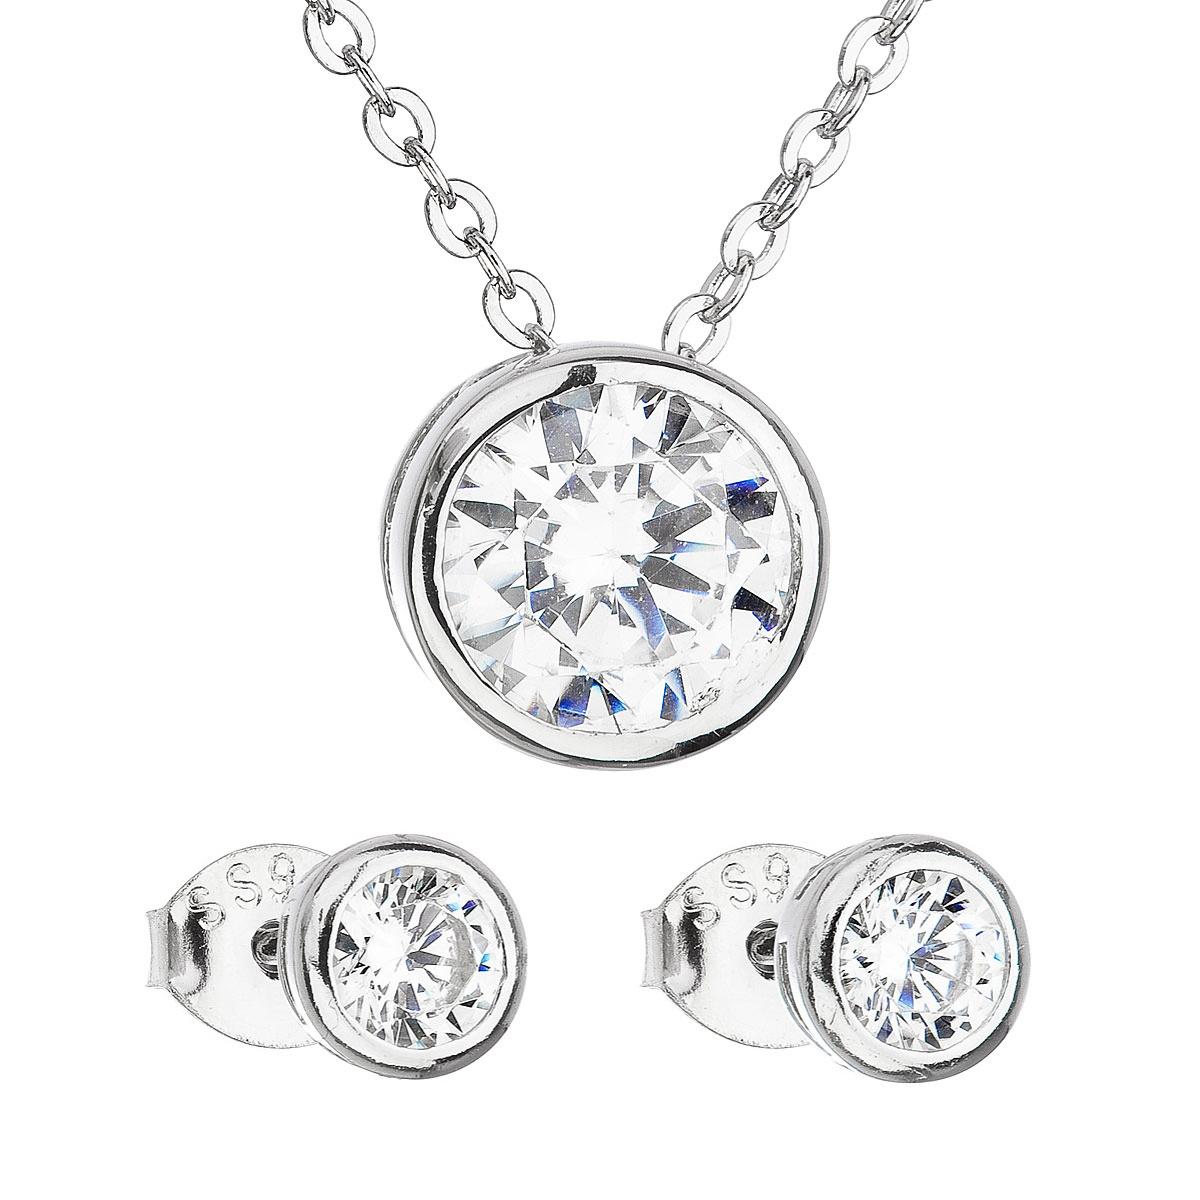 Sada šperkov so zirkónom v bielej farbe náušnice a náhrdelník 19006.1